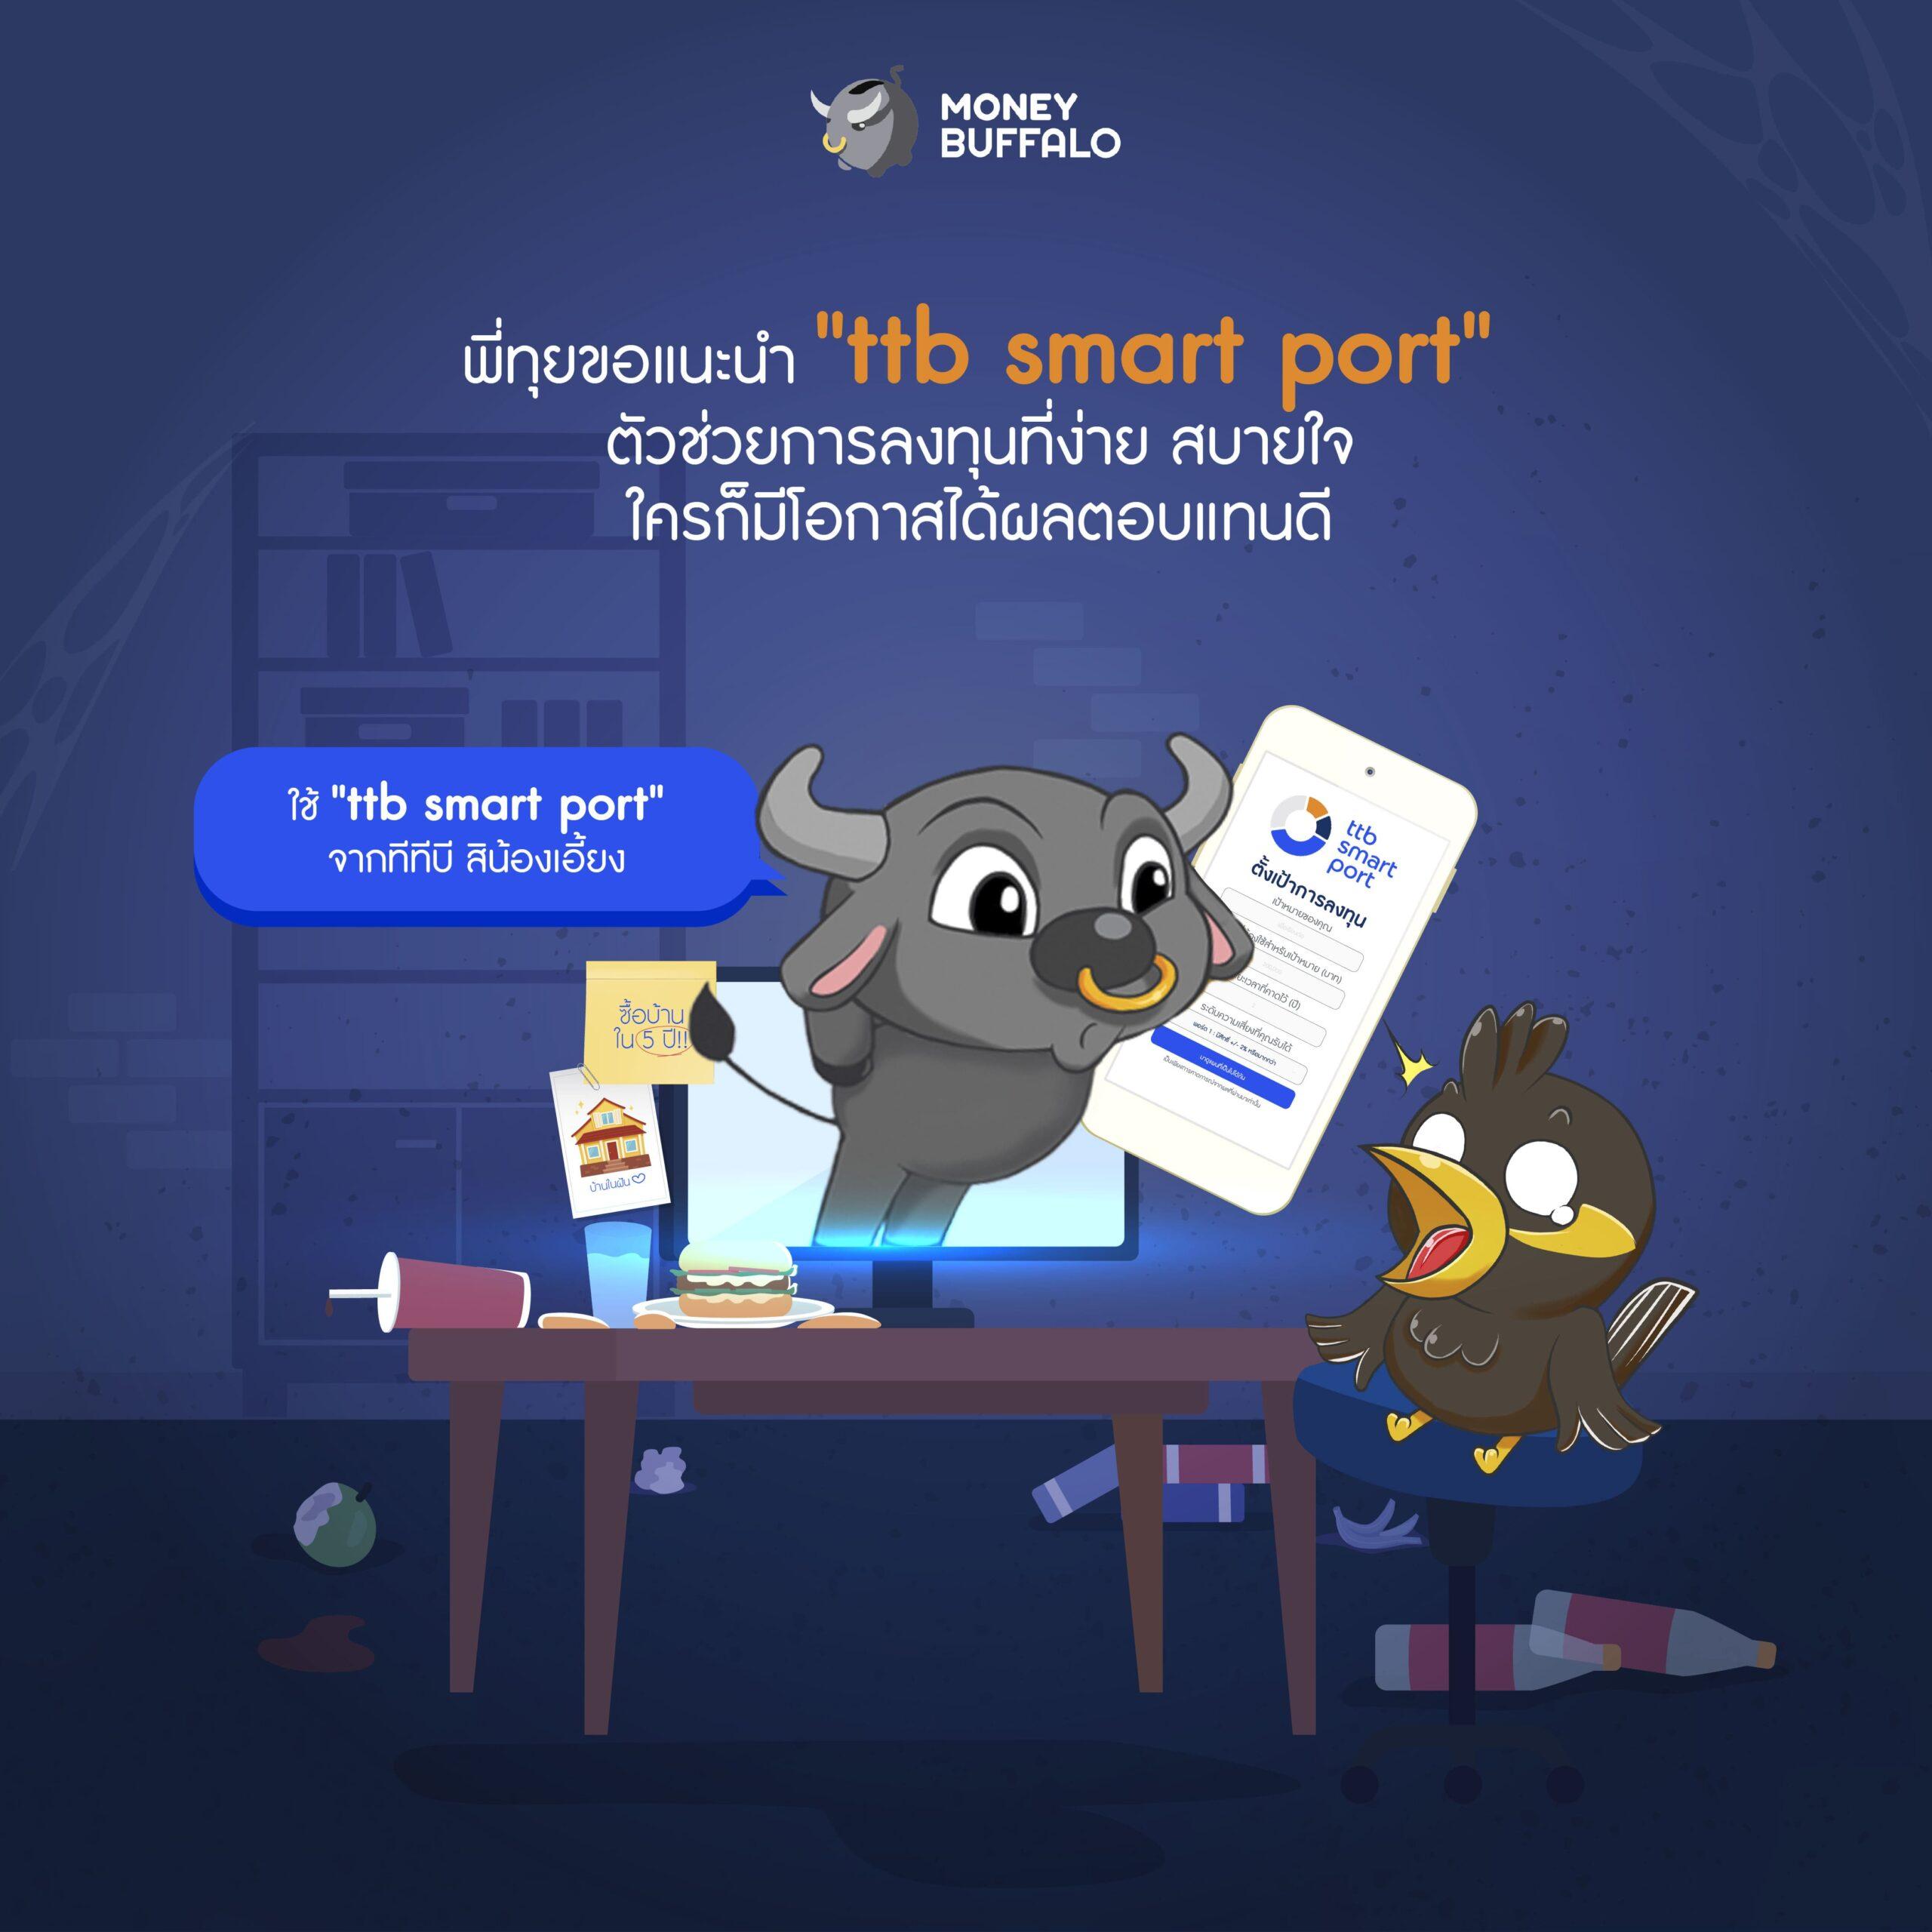 5 เหตุผล ทำไมนักลงทุนมือใหม่ควรลงทุนกับ ttb smart port